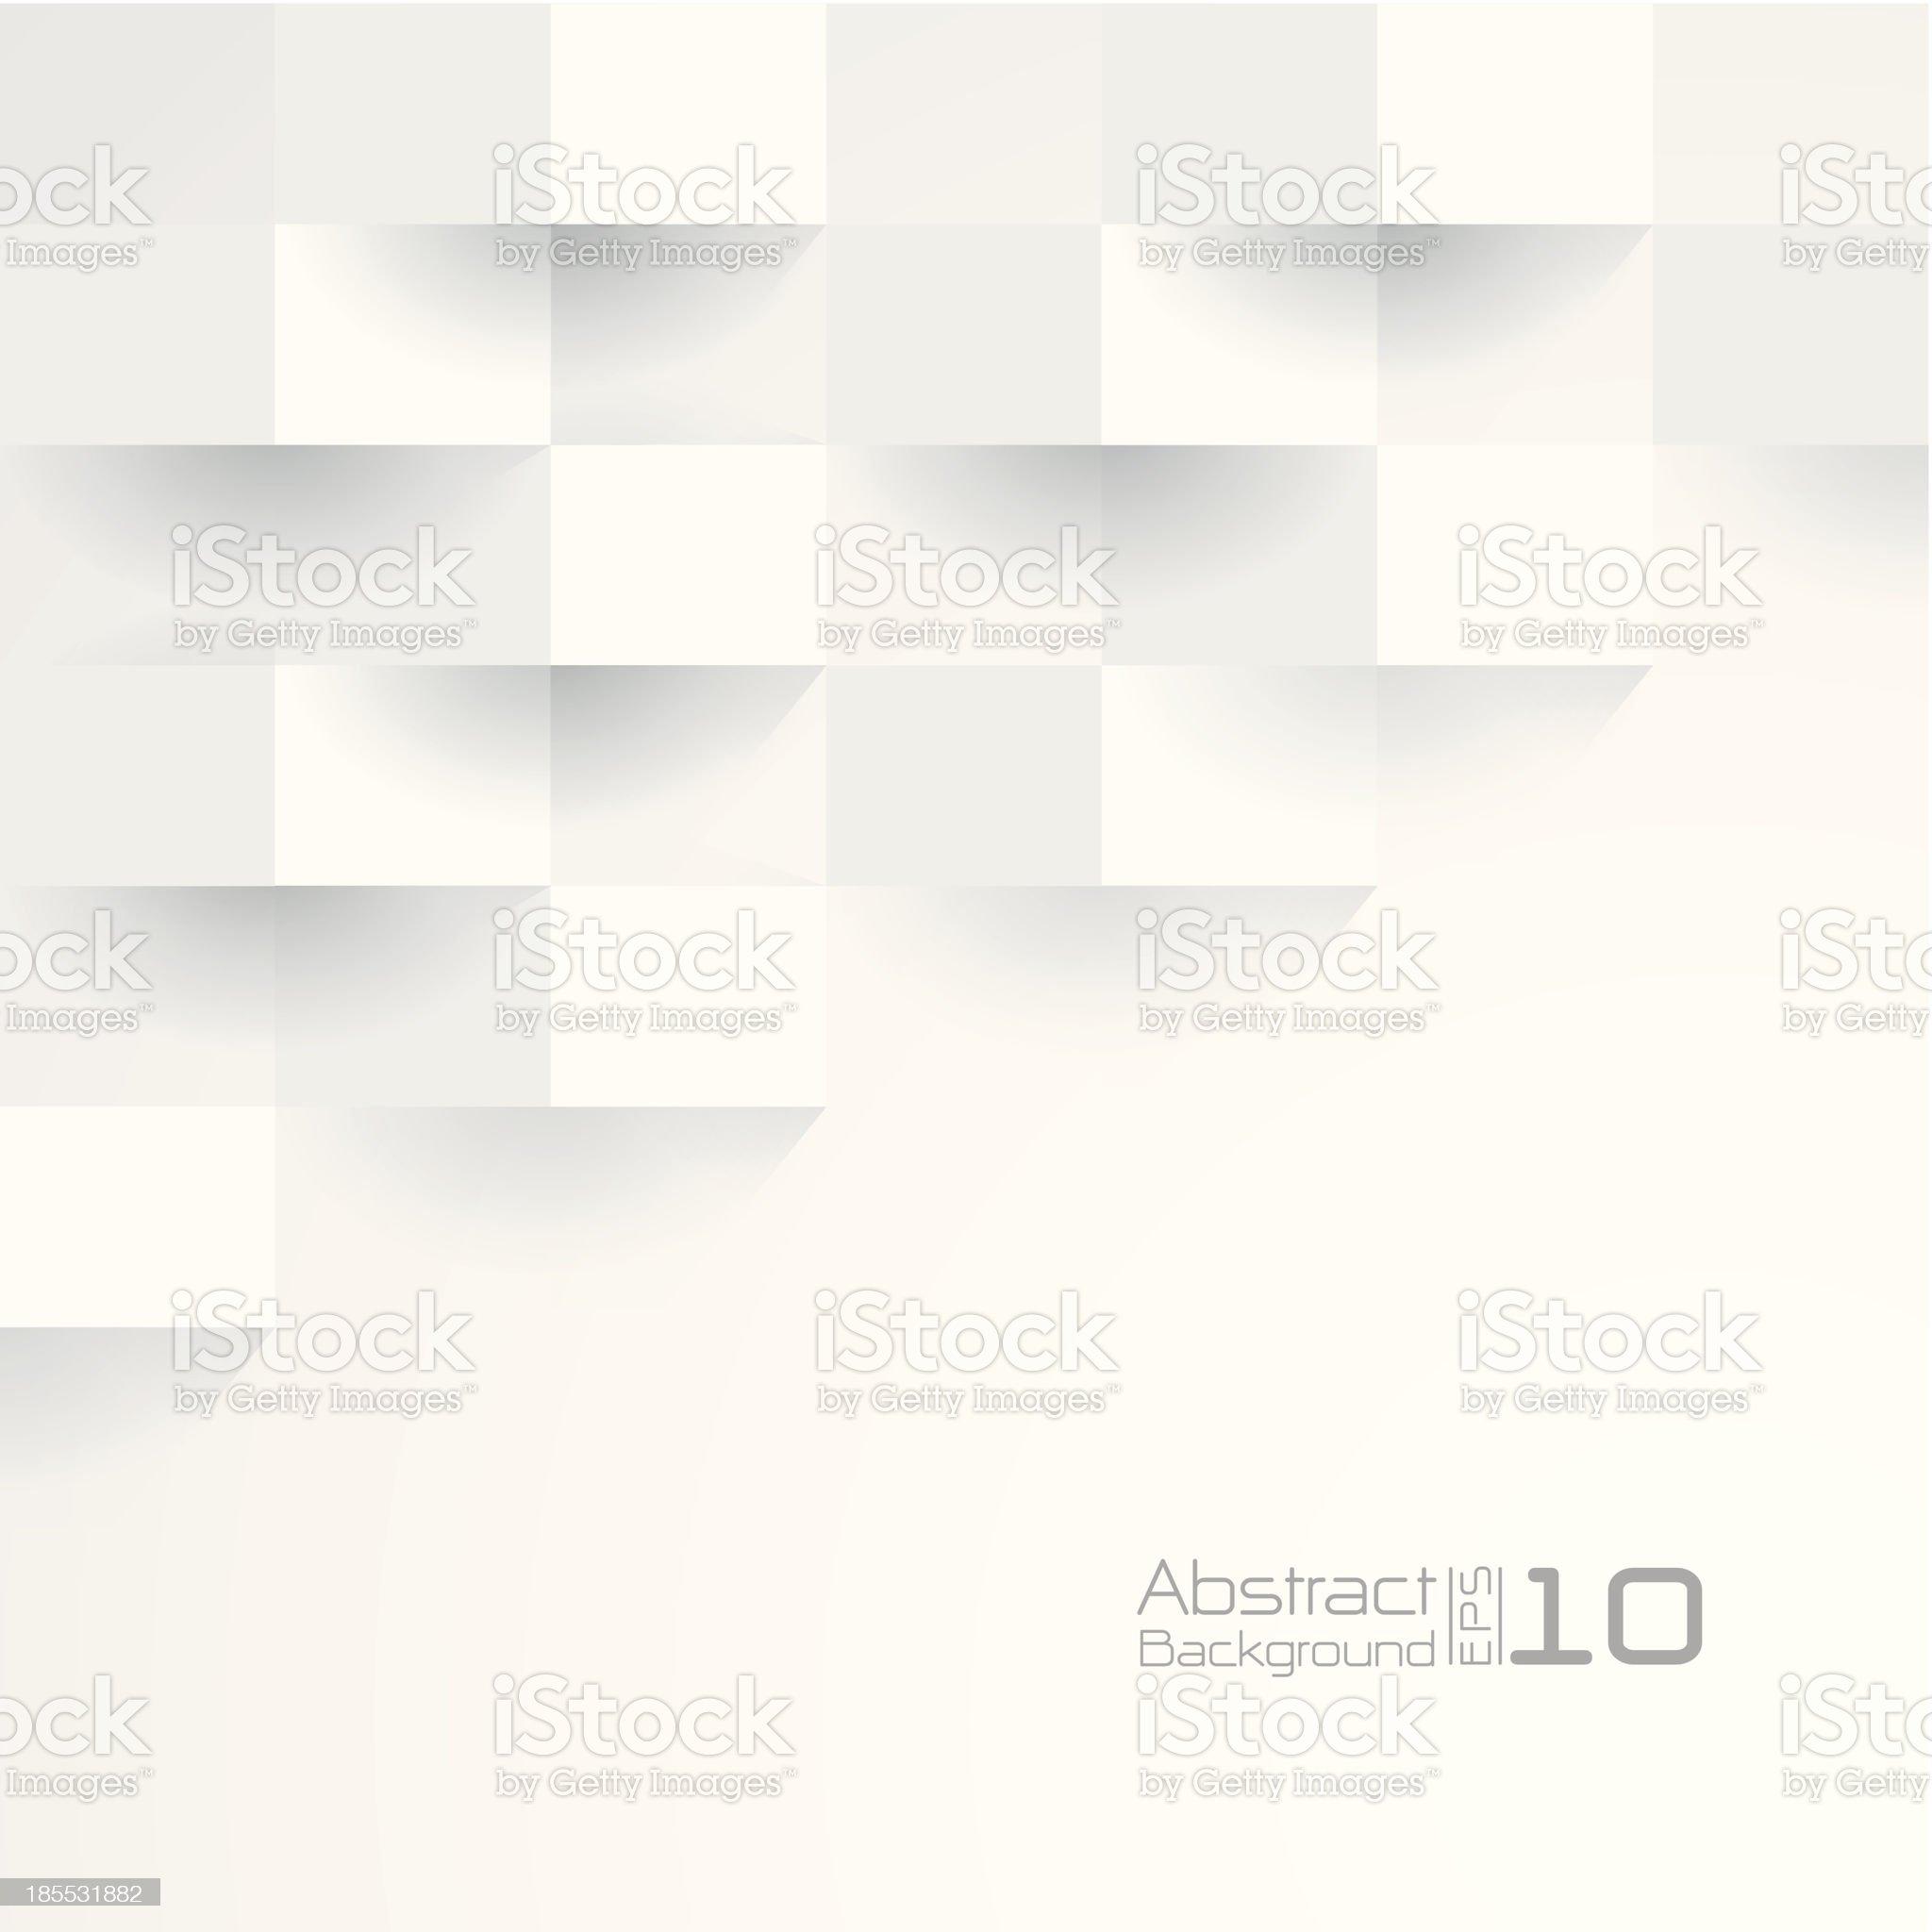 White wallpaper background for cover design , poster , brochure , banner. royalty-free stock vector art